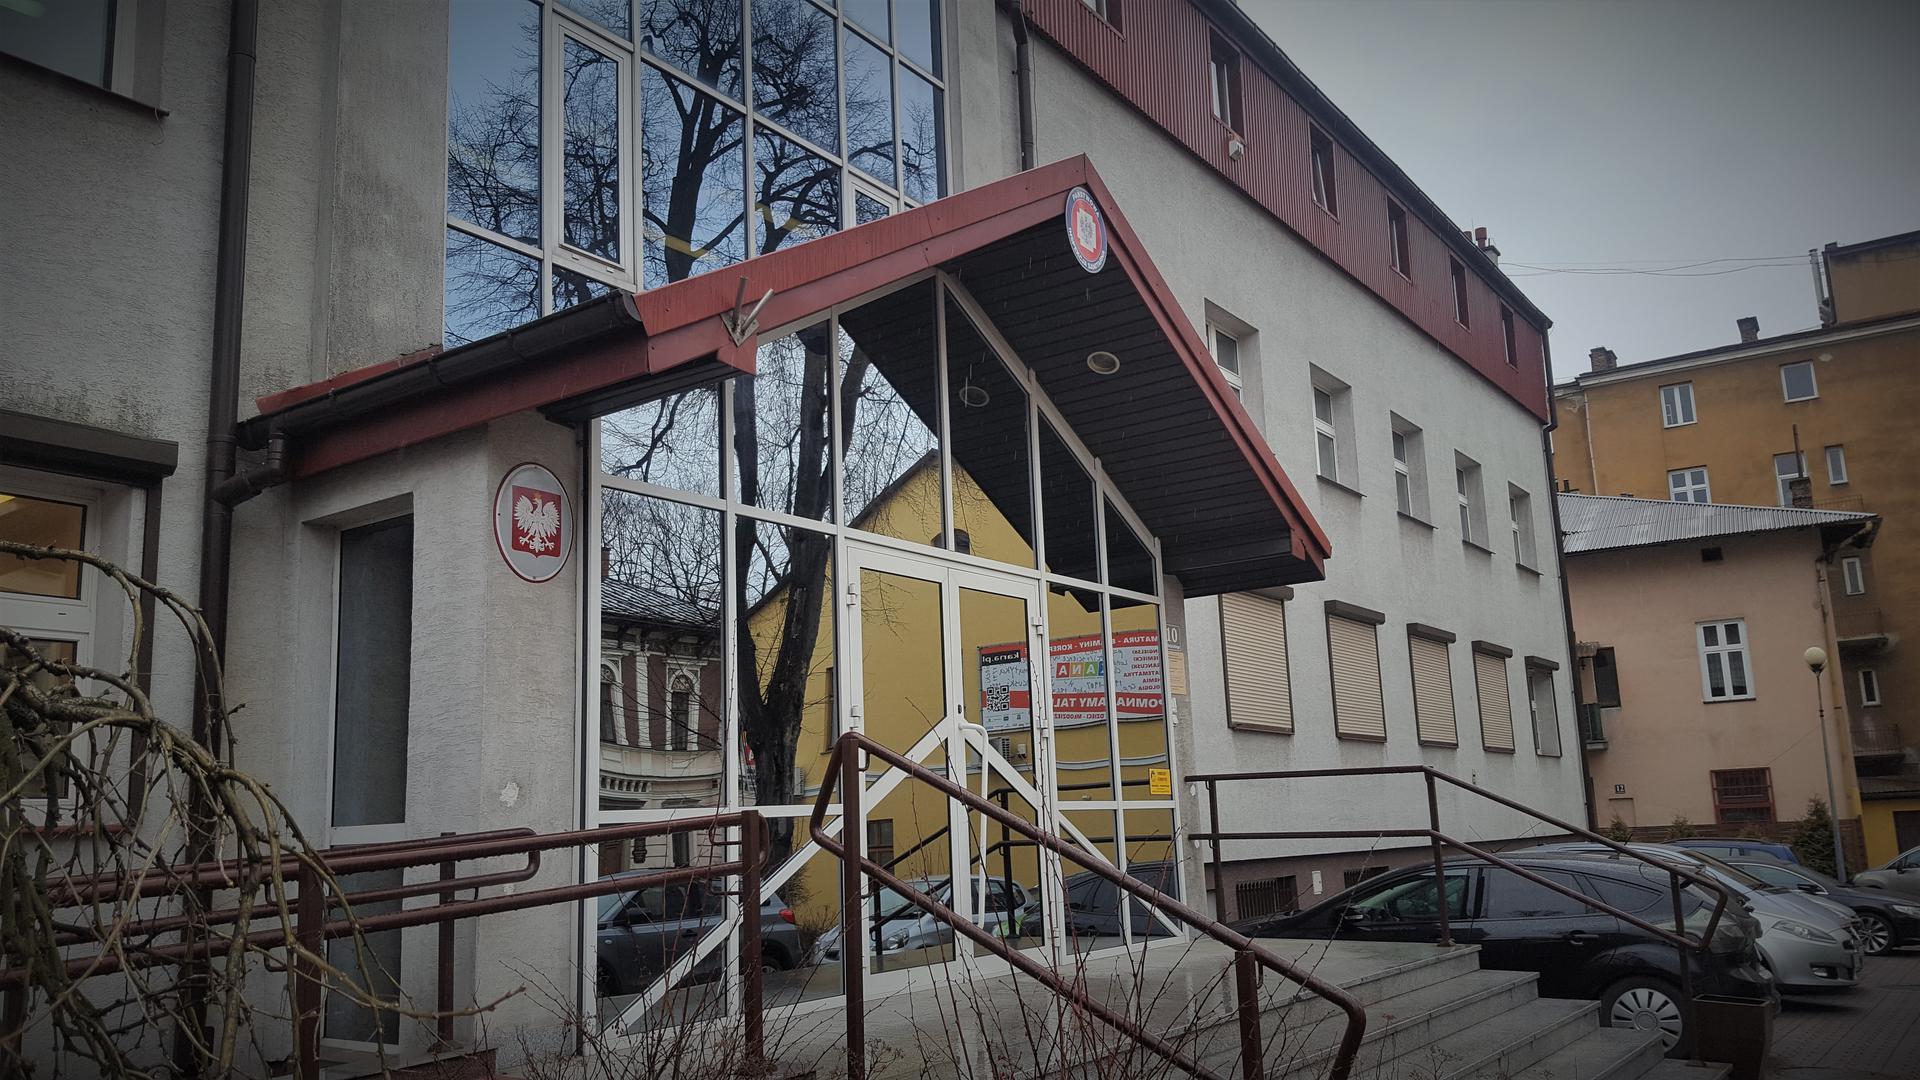 Koronawirus w Tuchowie. Sanepid szuka osób, które mogły mieć kontakt z chorymi - ESKA.pl